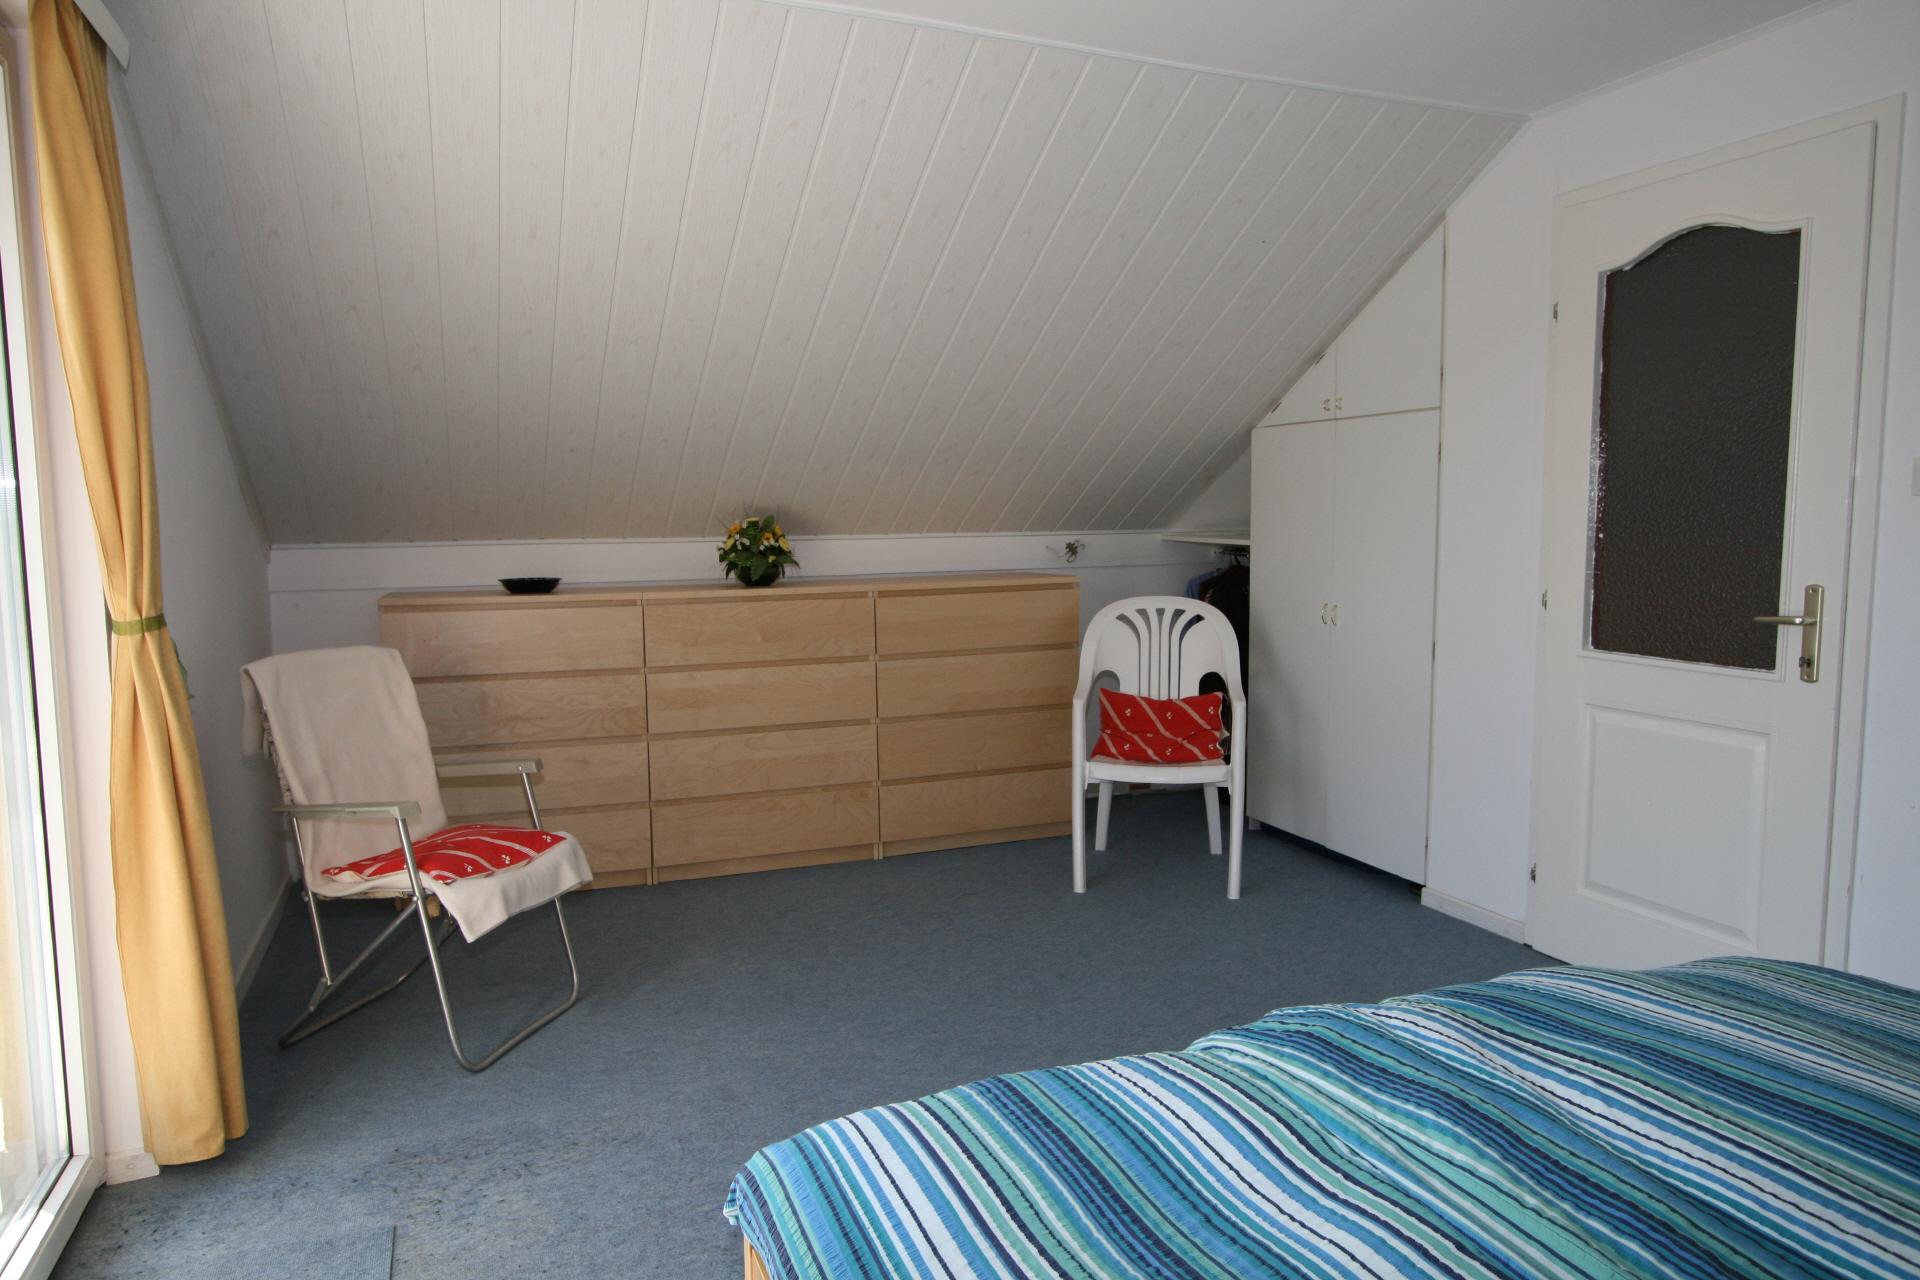 Zwarte ladenkast slaapkamer beste inspiratie voor huis ontwerp - Zwarte voering voor zwembad ...